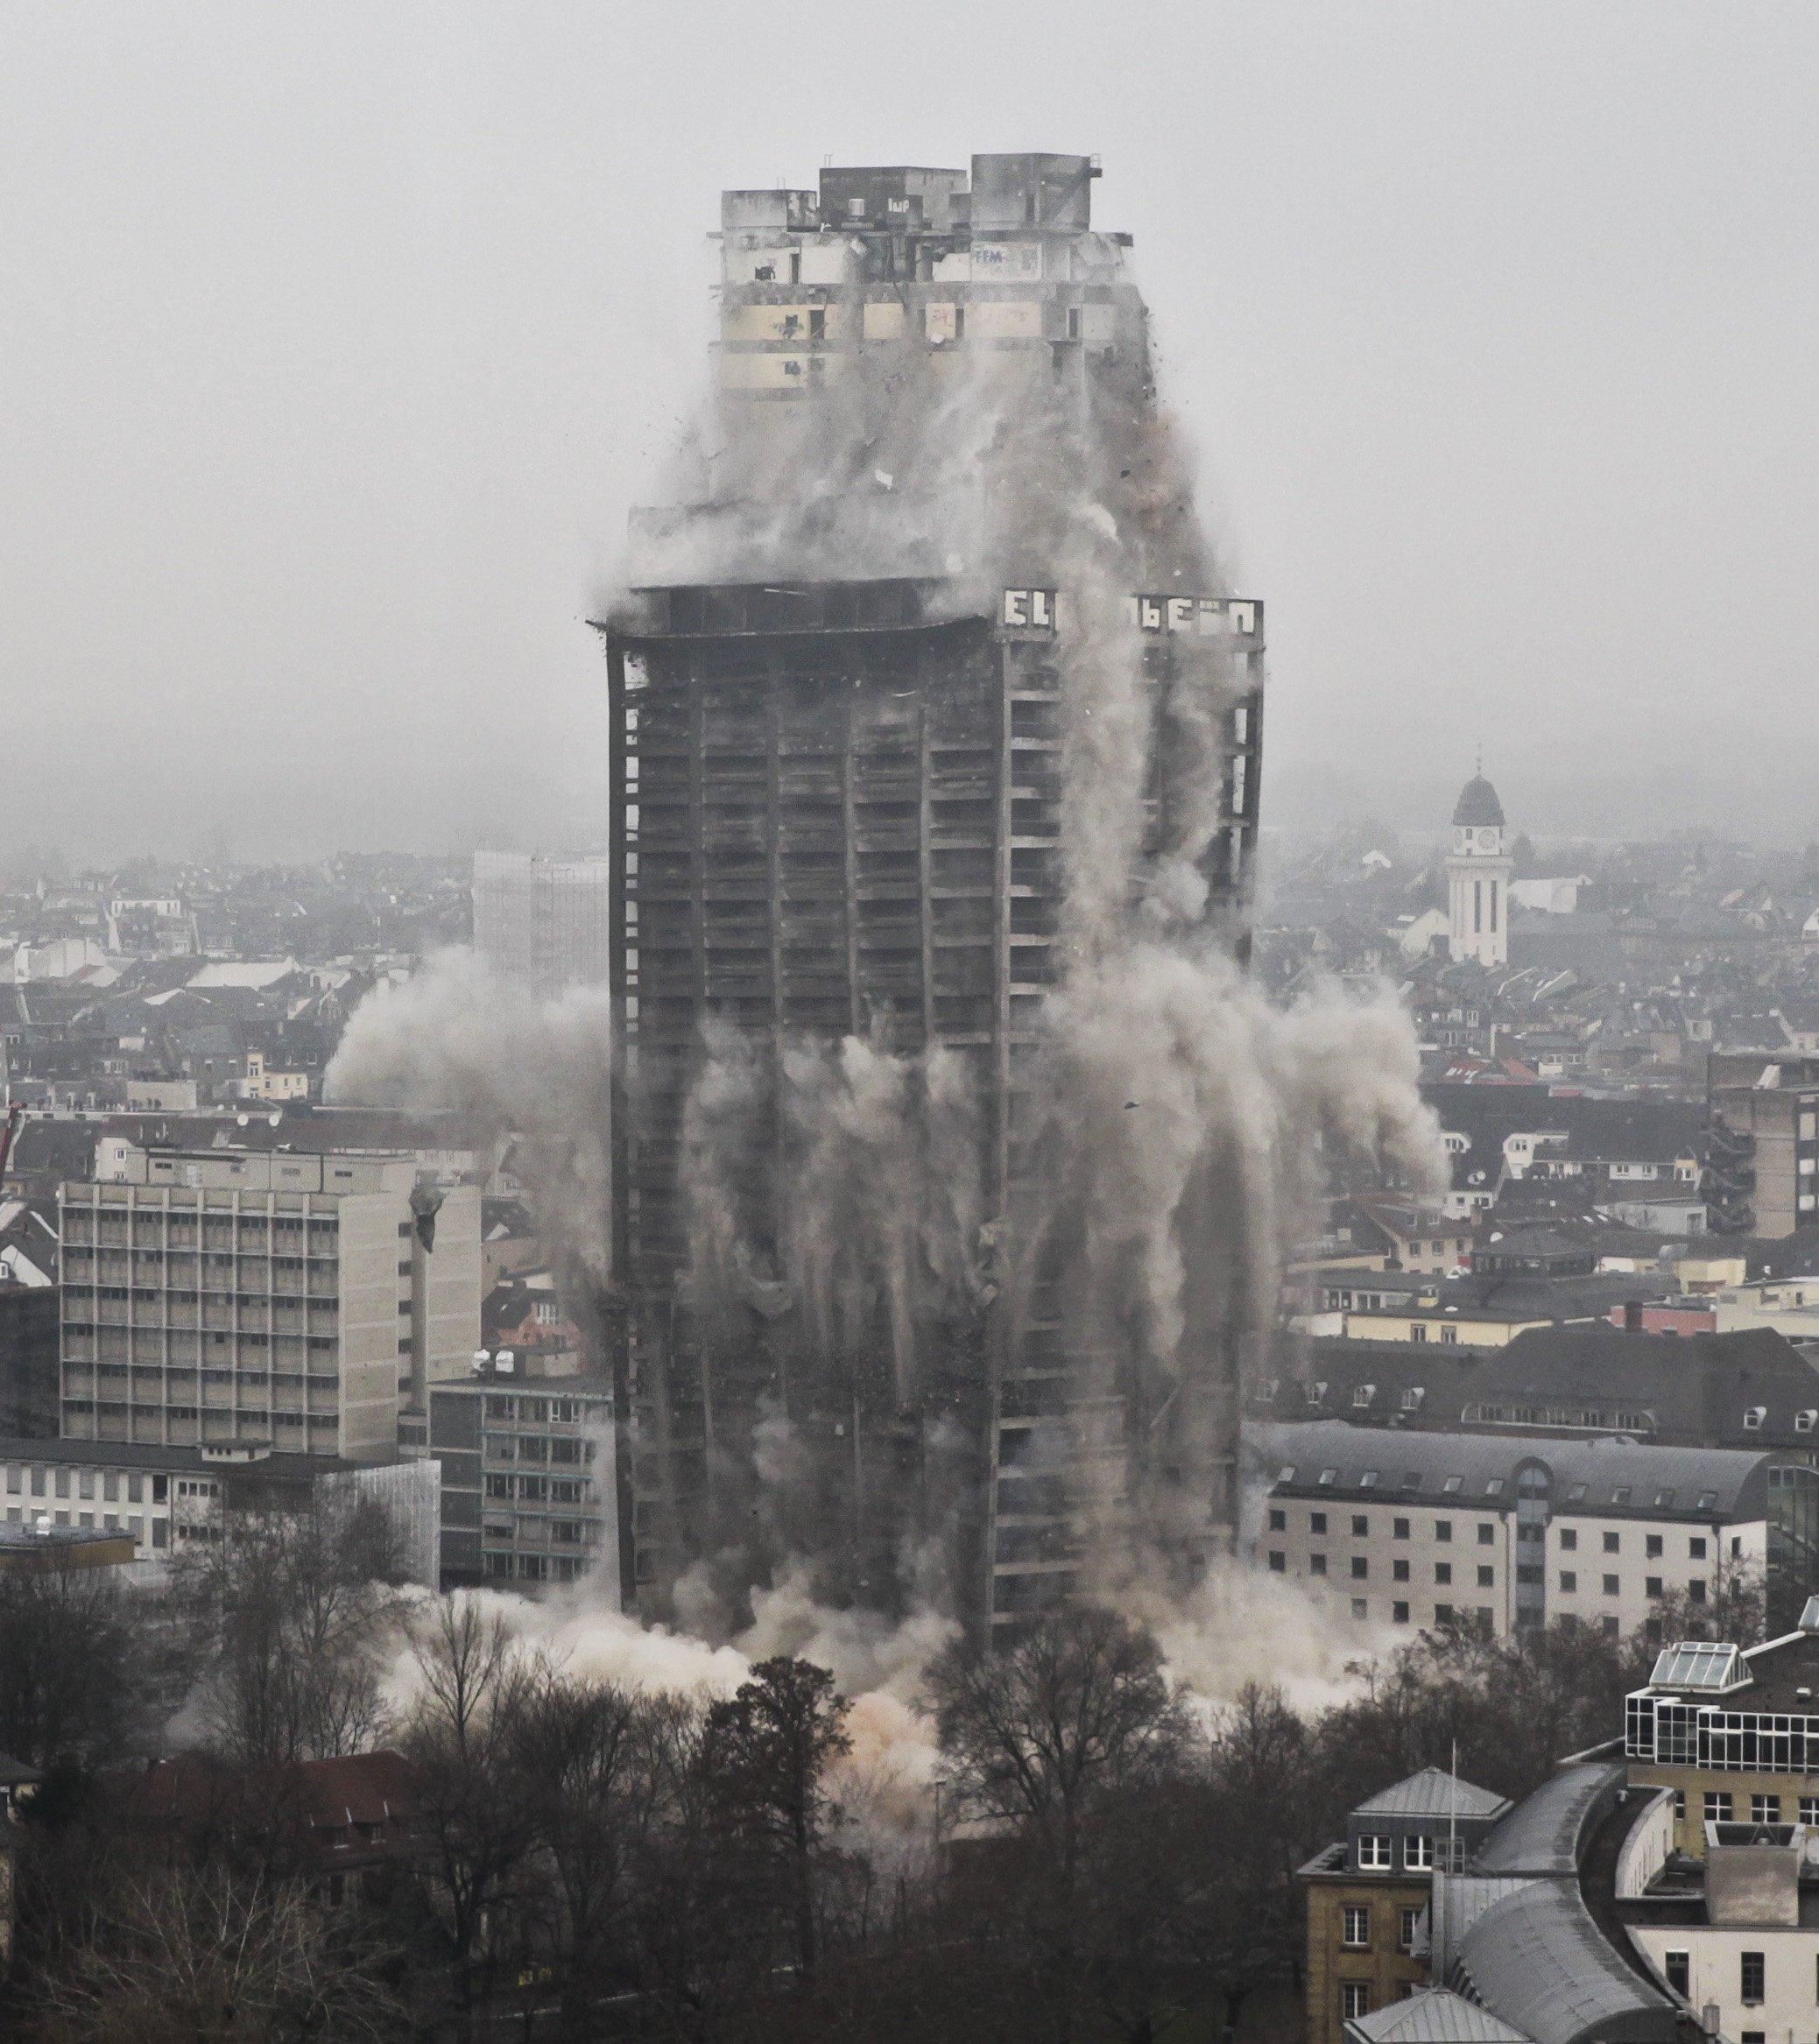 Deutlich zu sehen: Zunächst wurde die Außenhaut des Hochhauses gesprengt. Als sie zur Hälfte nach unten gefallen war, wurde der Betonkern des Hochhauses gesprengt.